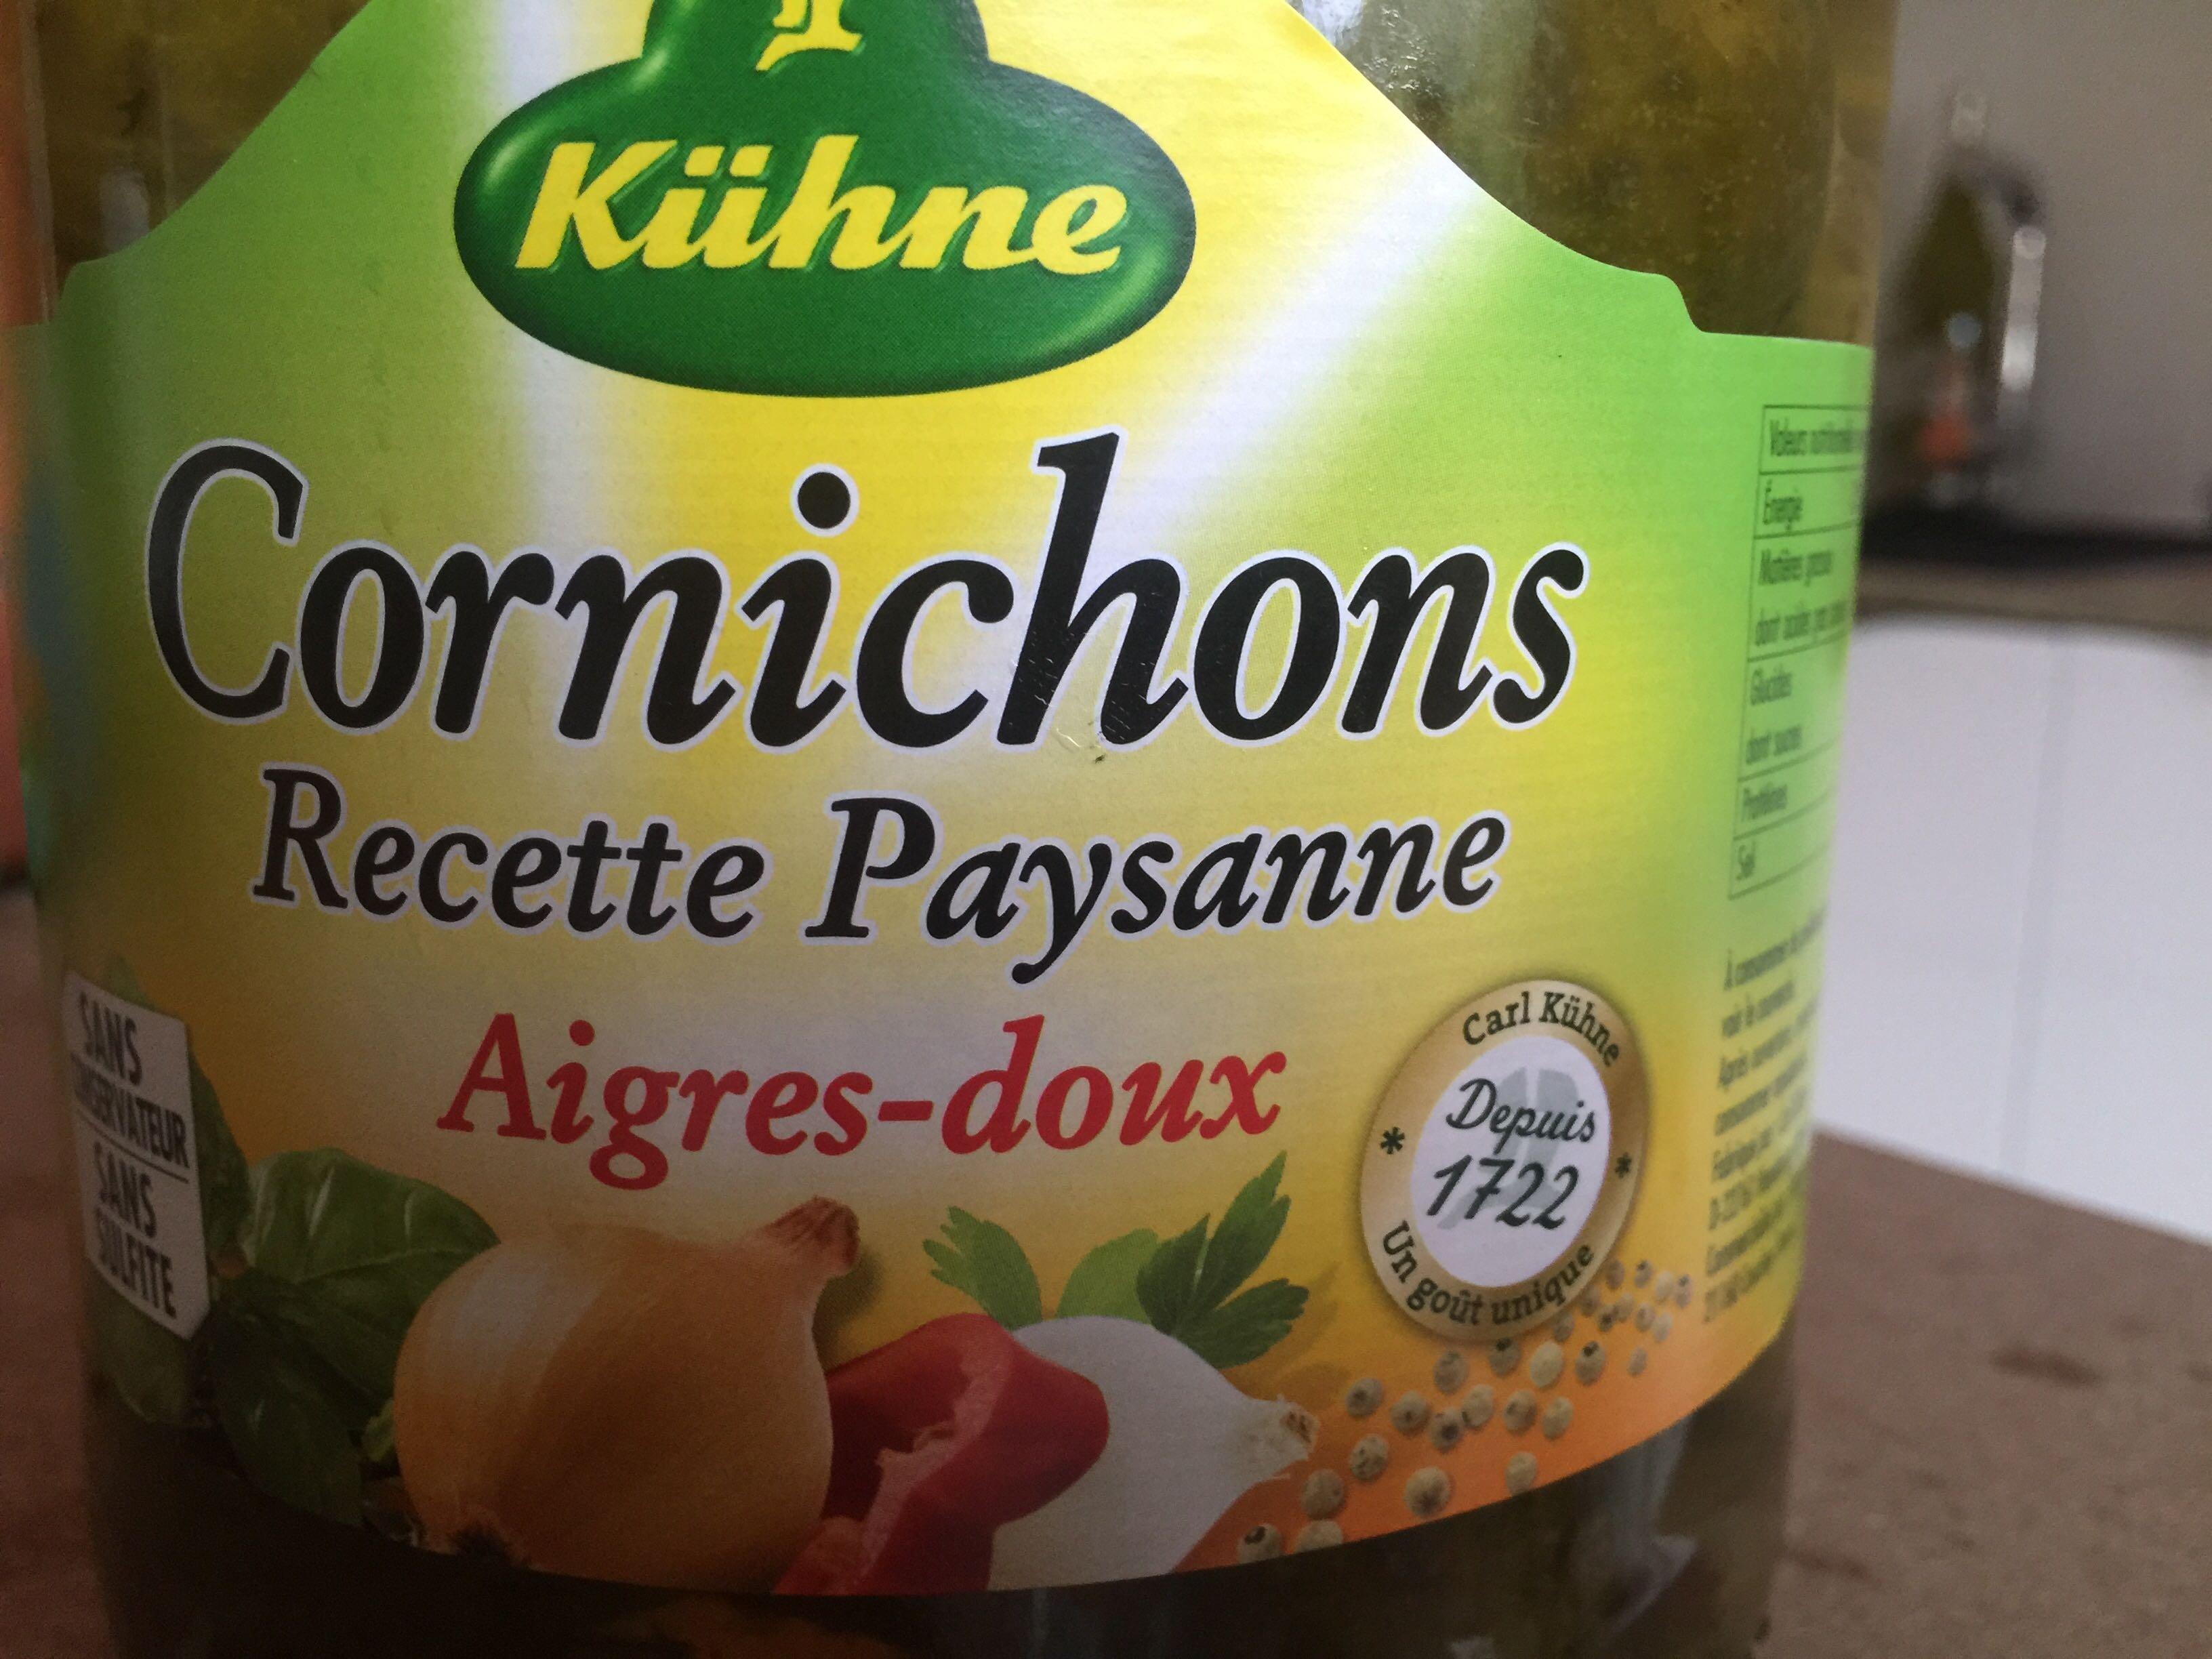 Cornichons Recette Paysanne Aigres-doux - Product - fr